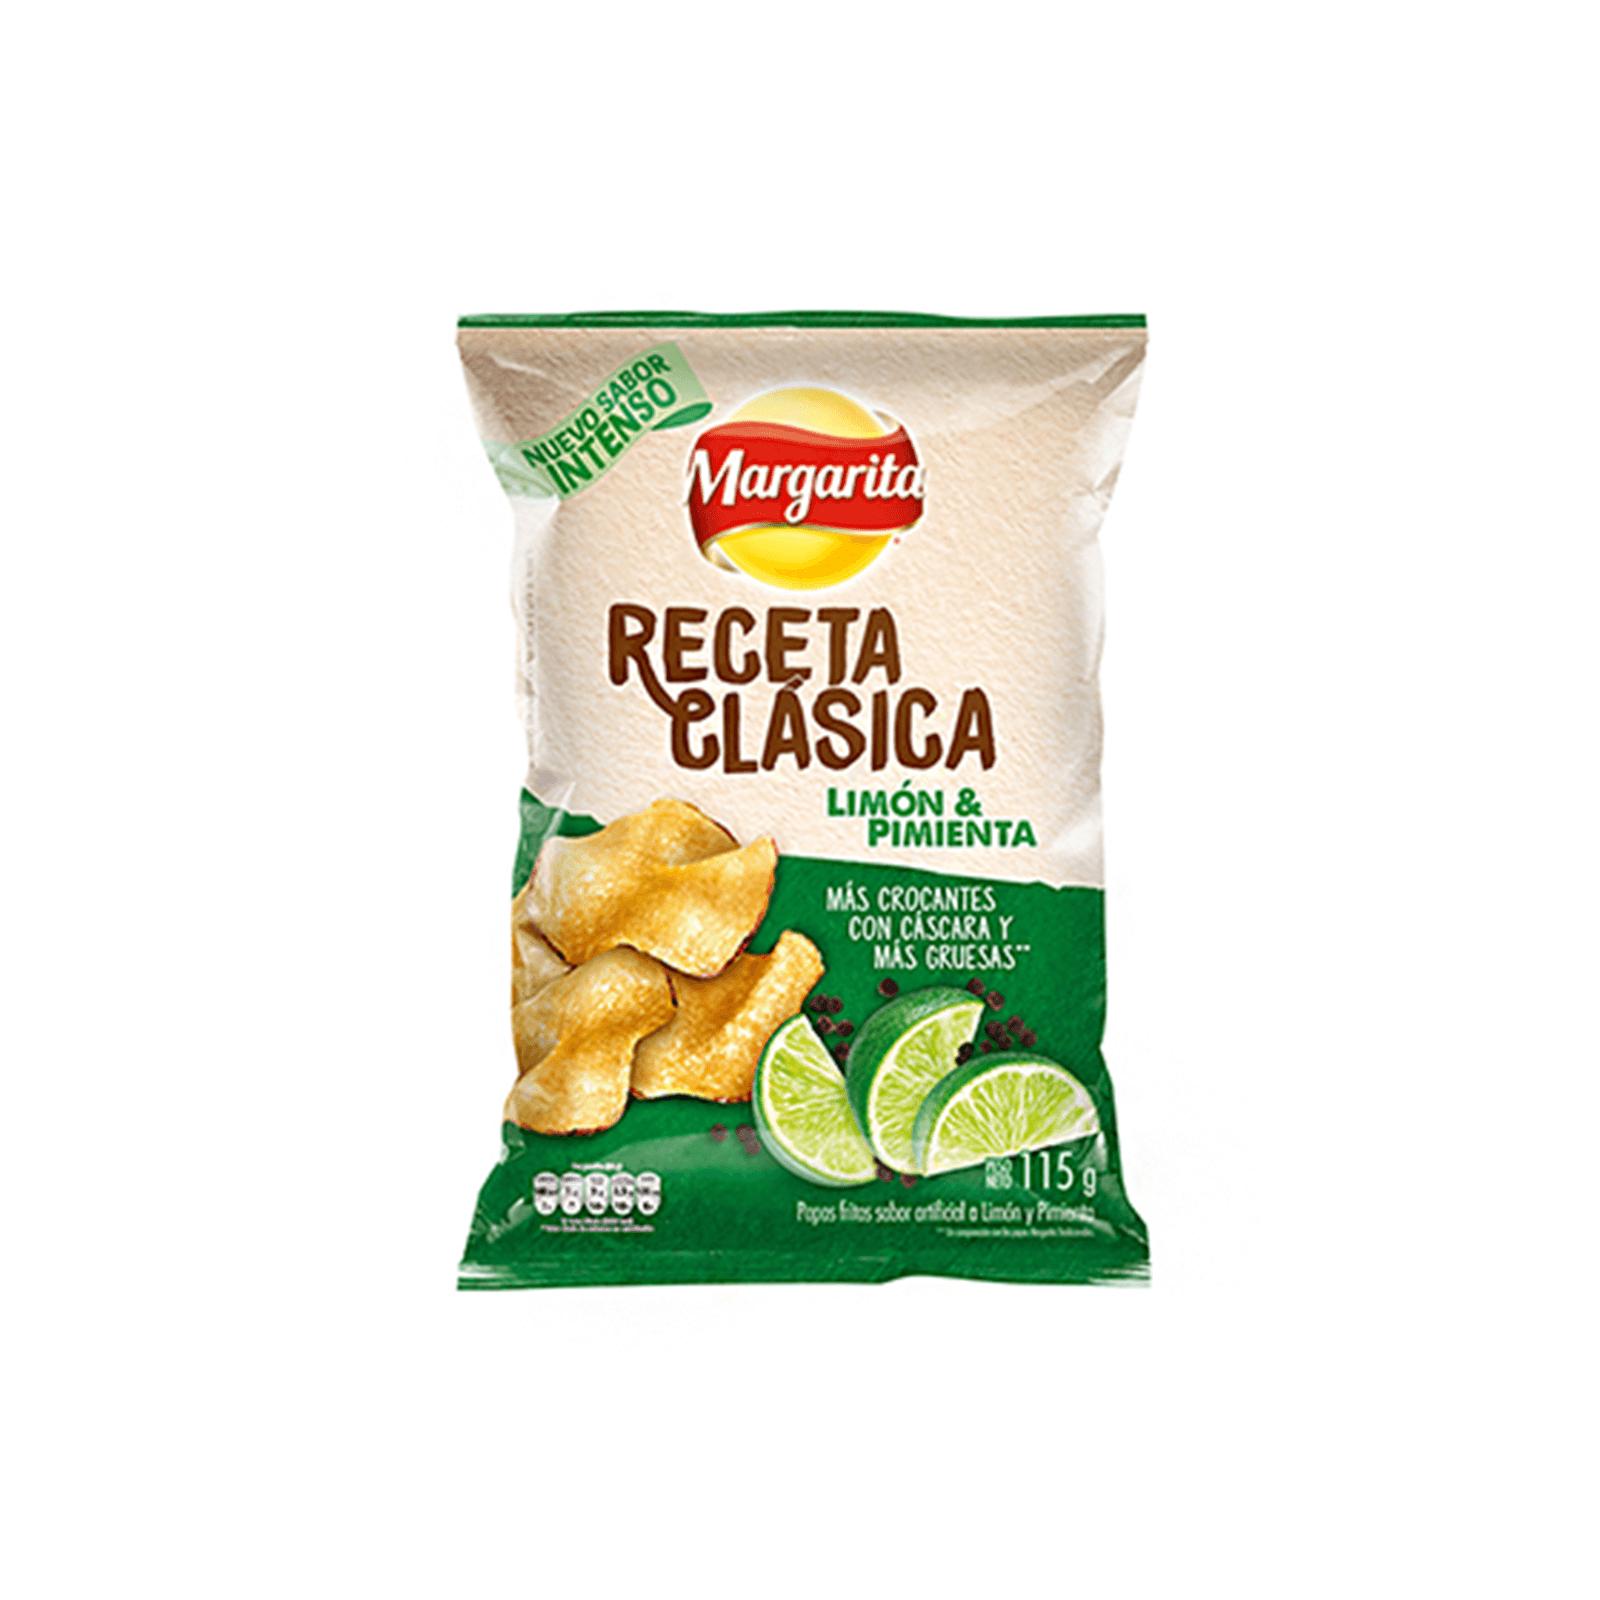 Papas Receta Clasica Limon Pimienta Margarita